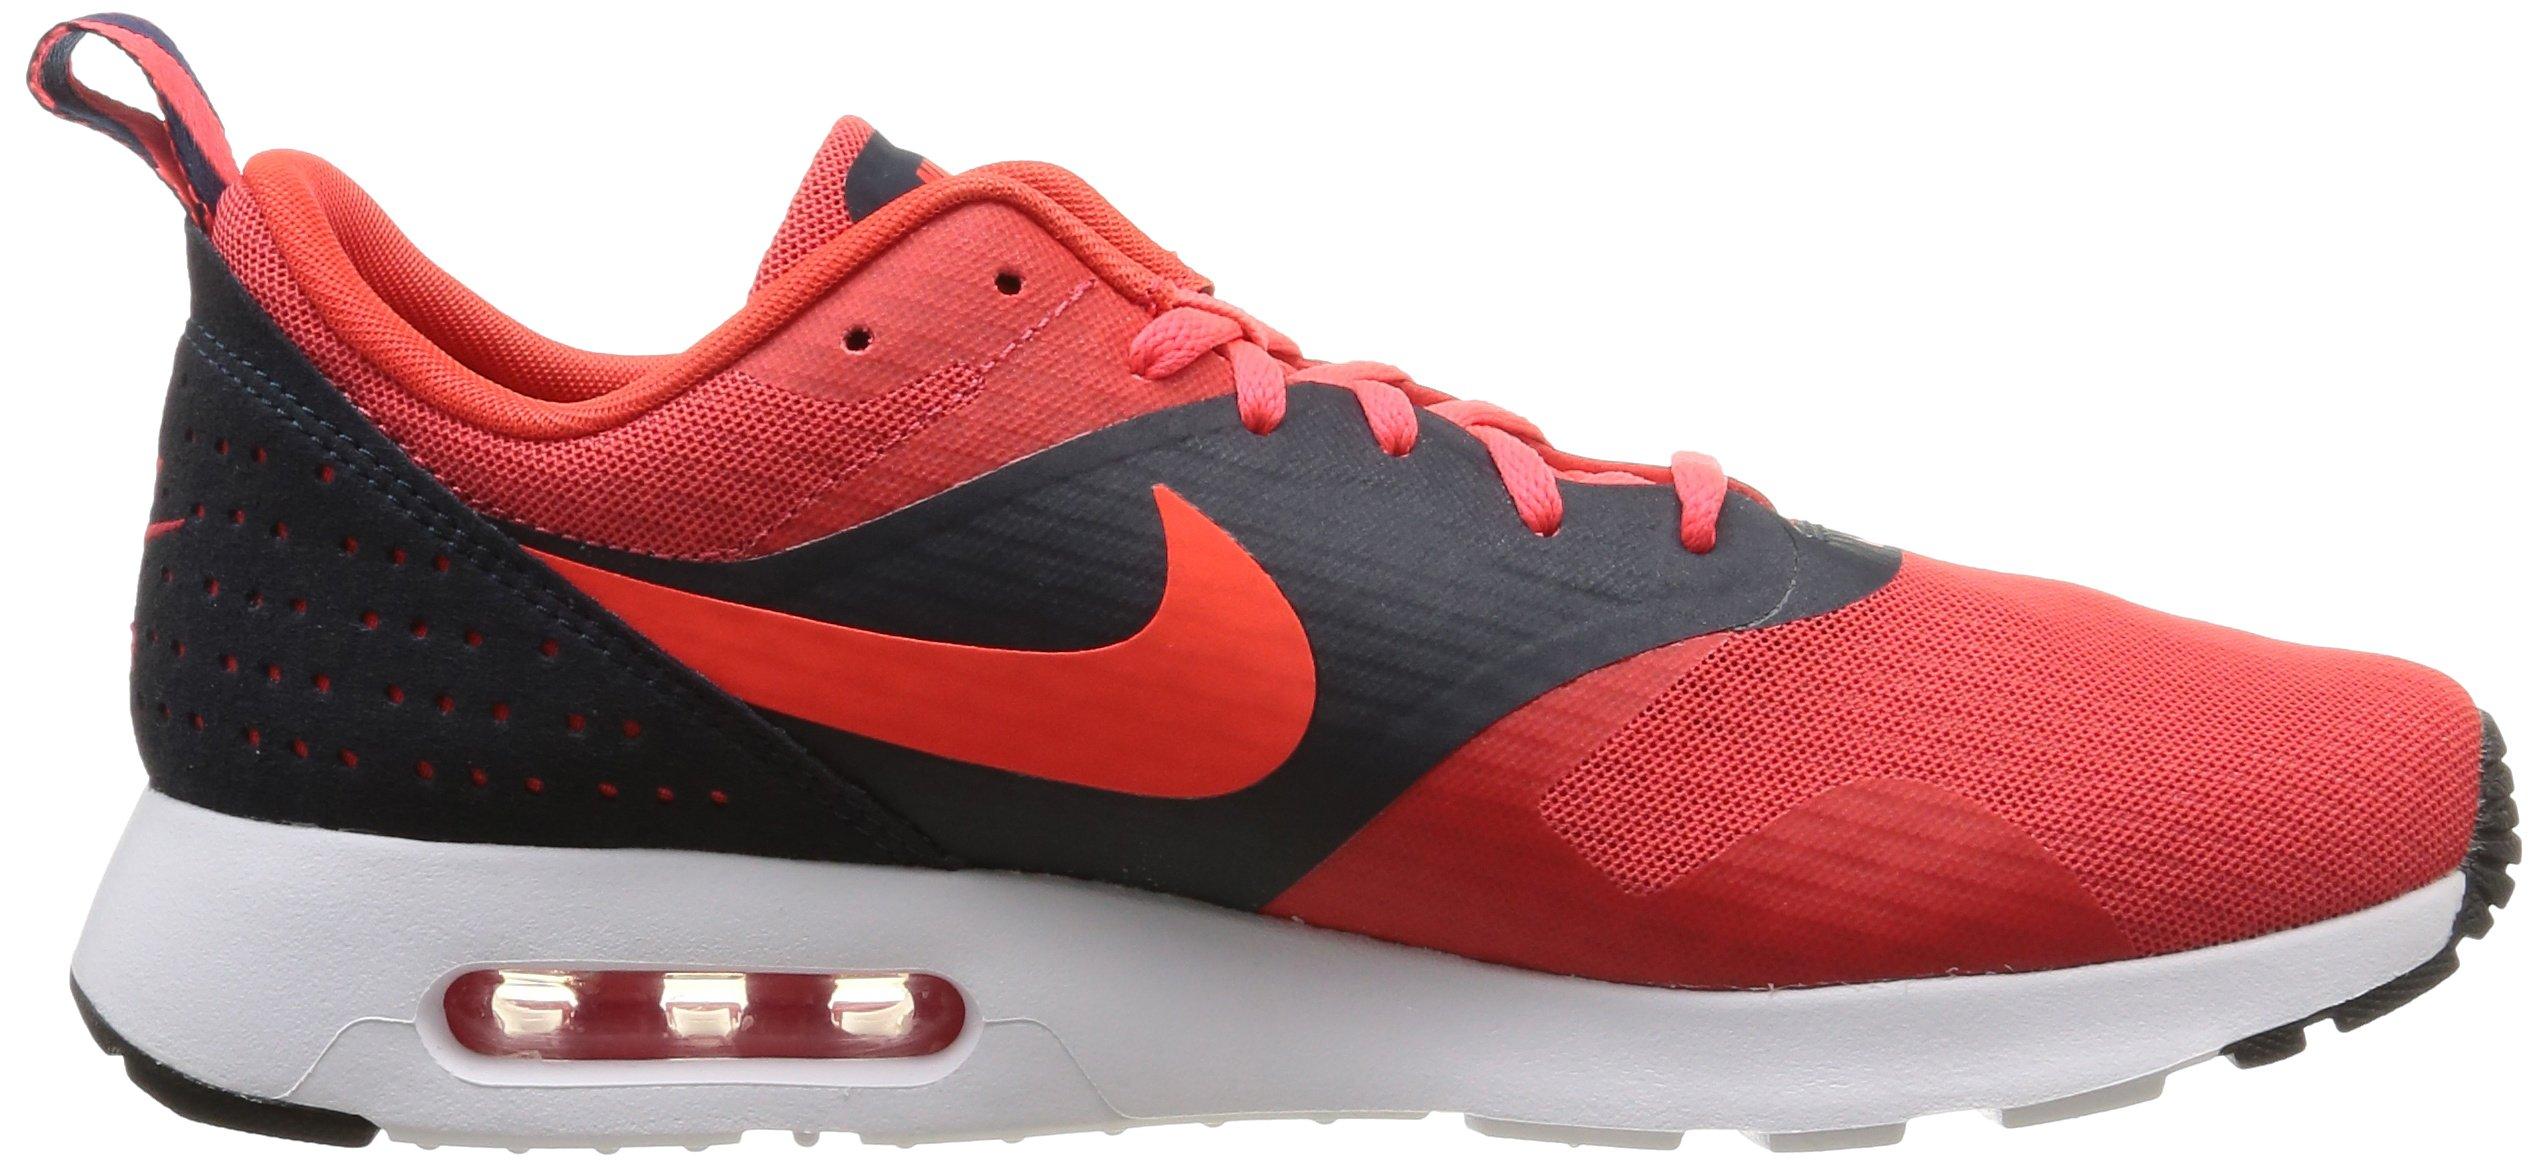 Nike Air Max Tavas Essentiel Schuhe Rio-brillante Obsidienne Sombre-cramoisi - 45,5